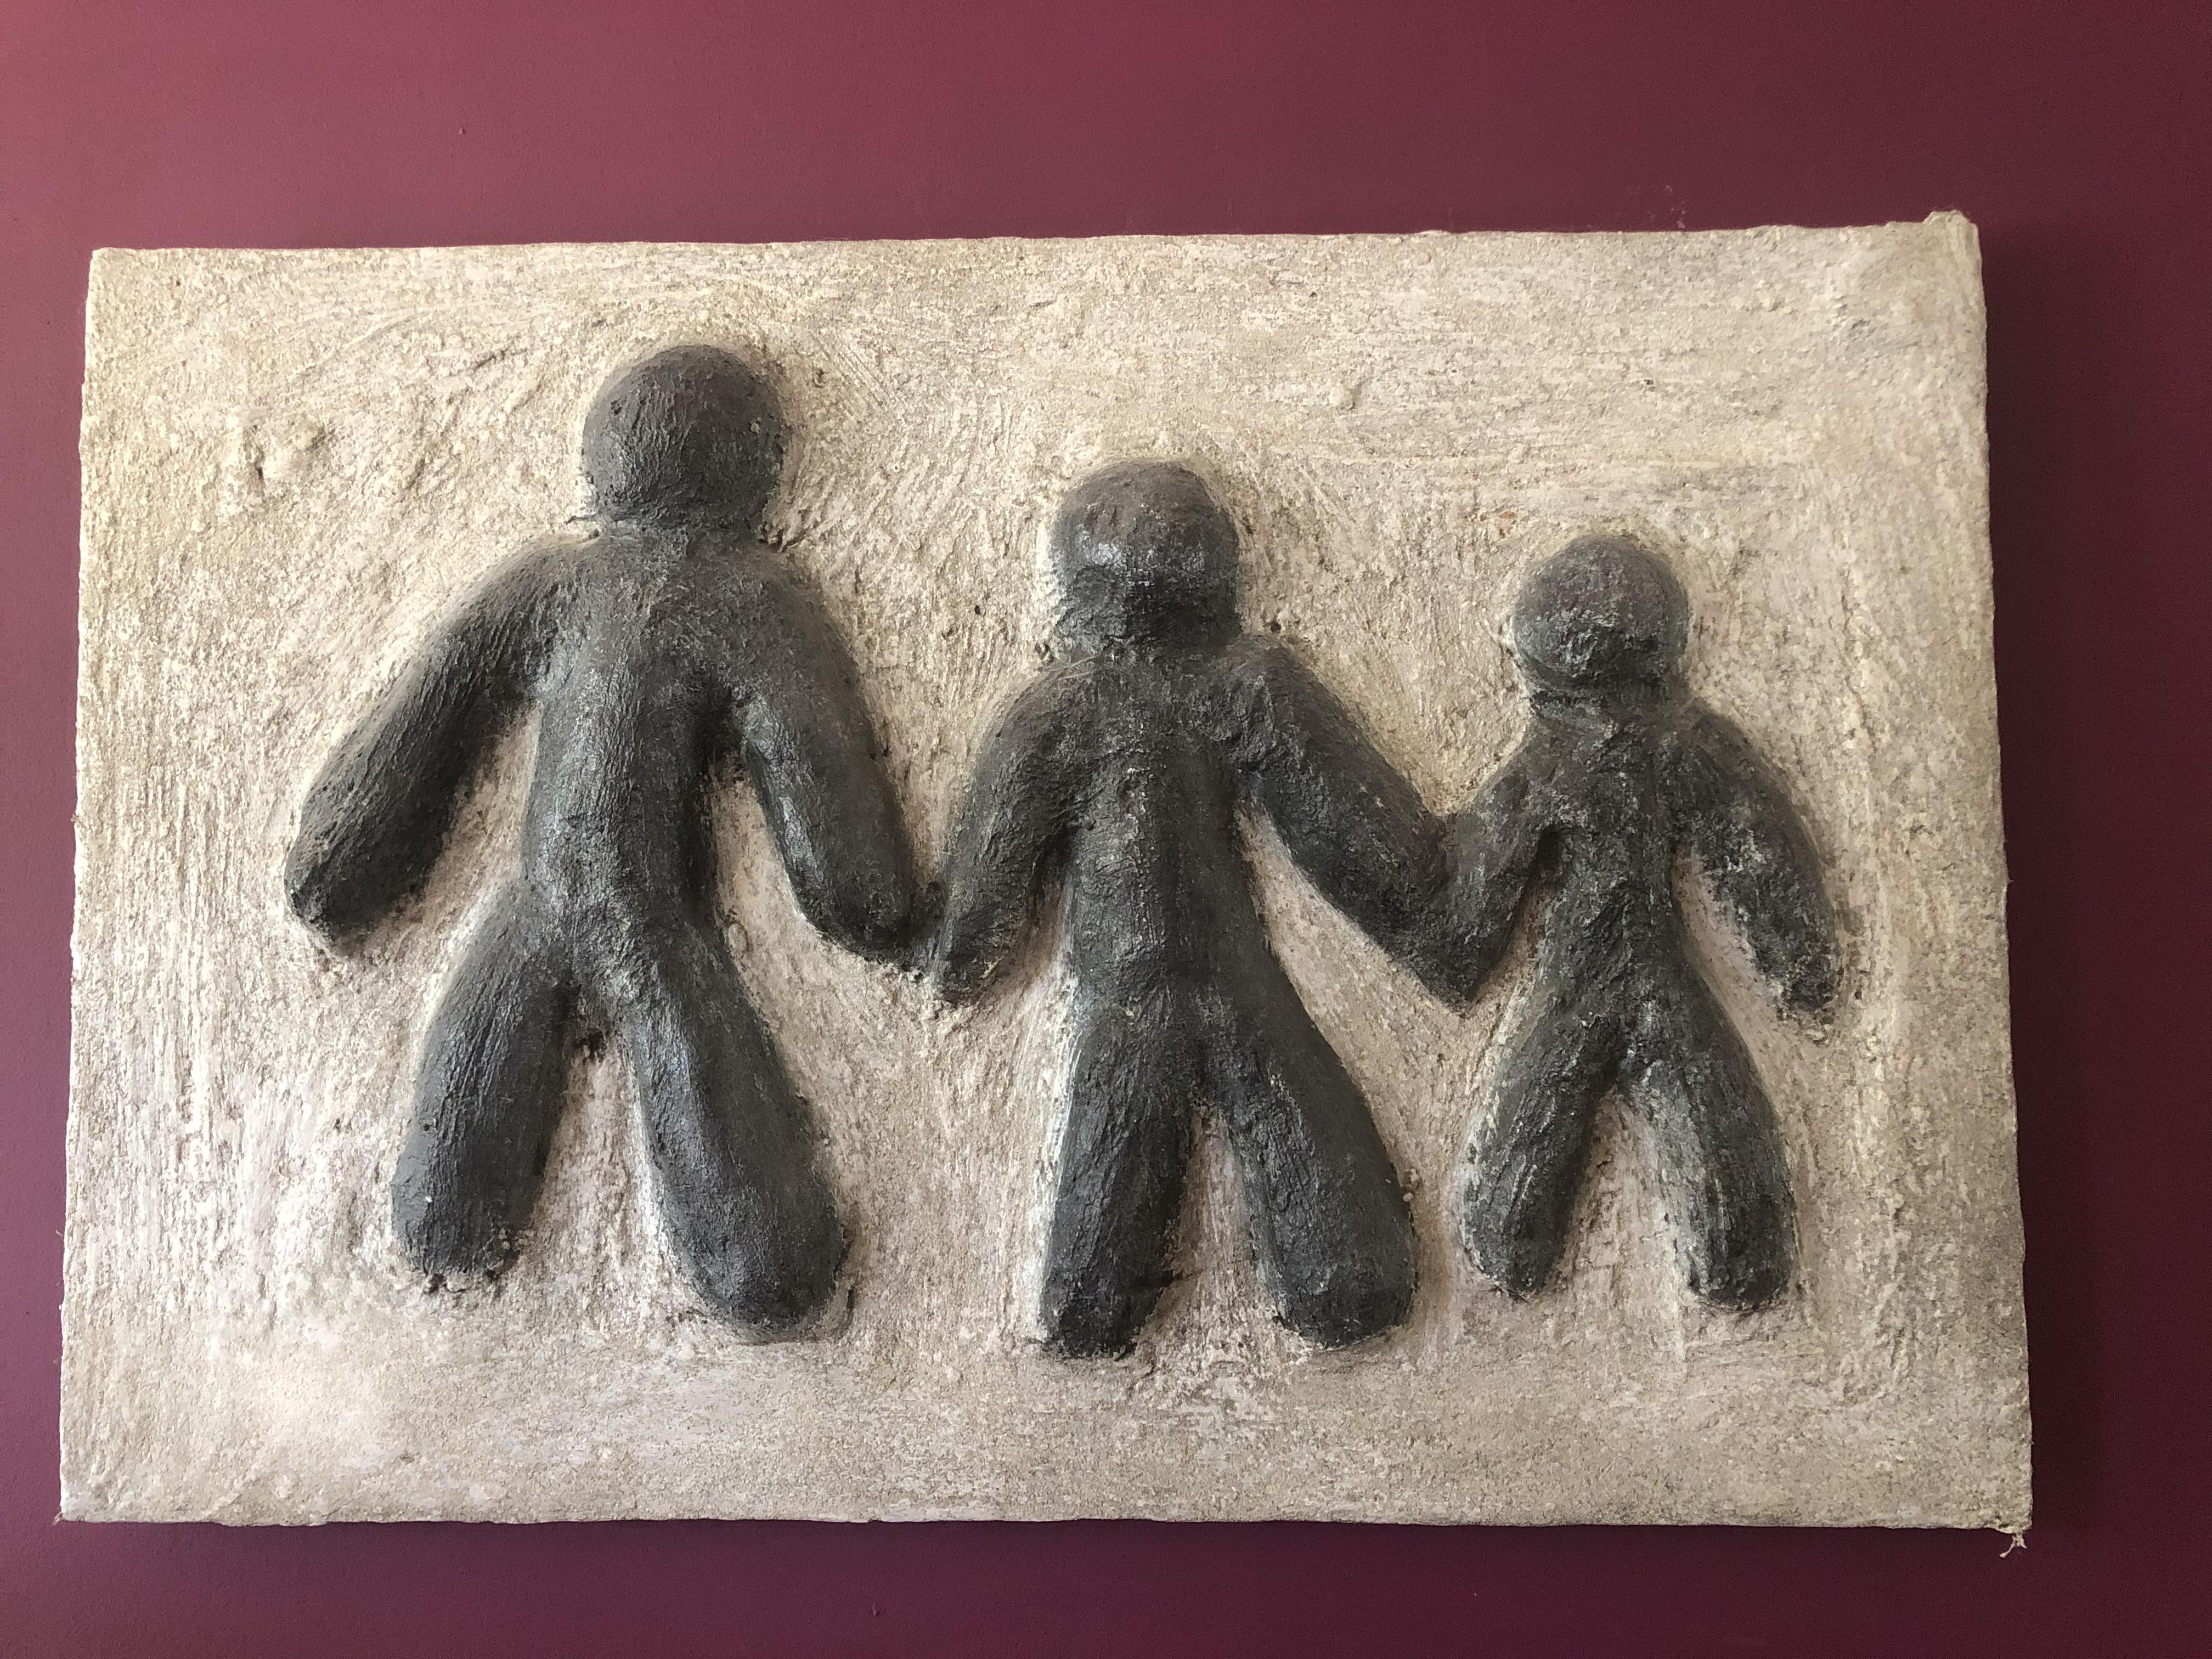 Je ziet een kunstwerk met drie mannetjes op.